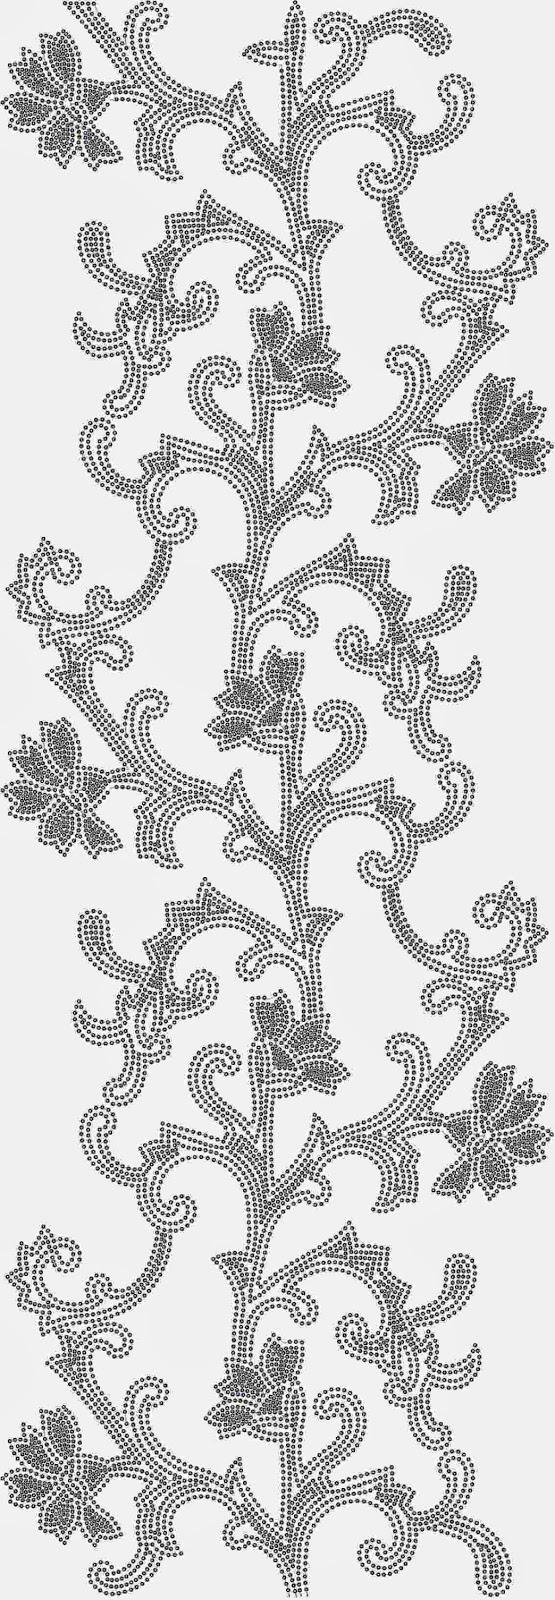 Bernina kultuur borduurwerk Oral patroon